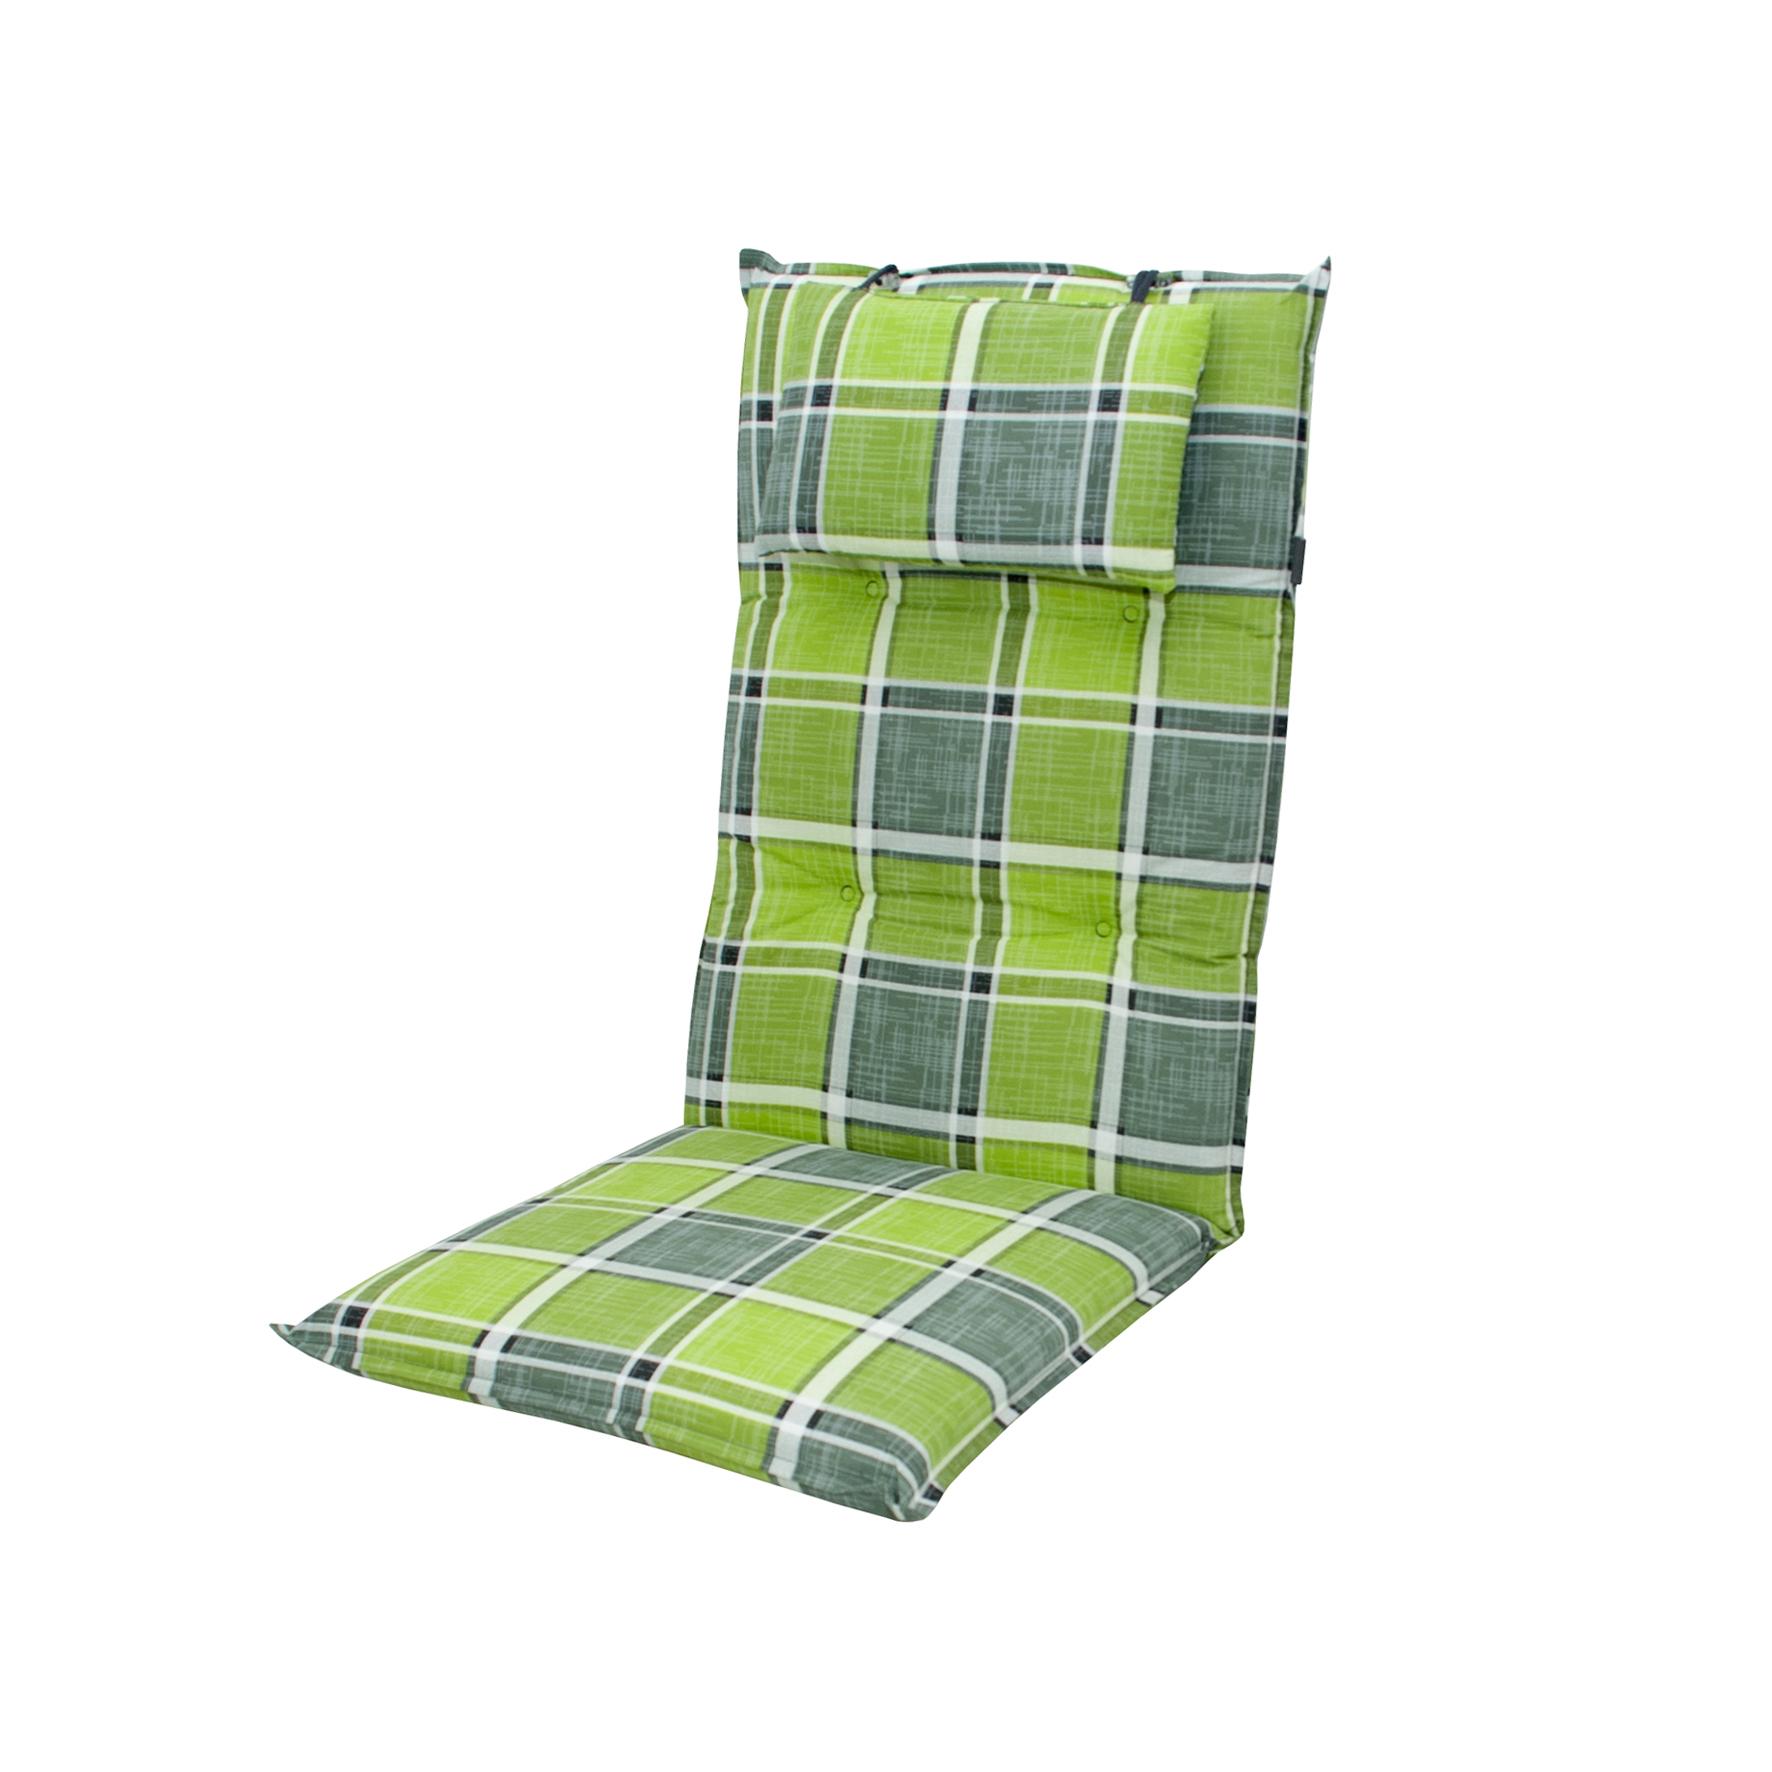 5911 hochlehner gartenstuhl auflagen 8cm kopfkissen gr n f r st hle mit hoher lehne auflagen. Black Bedroom Furniture Sets. Home Design Ideas